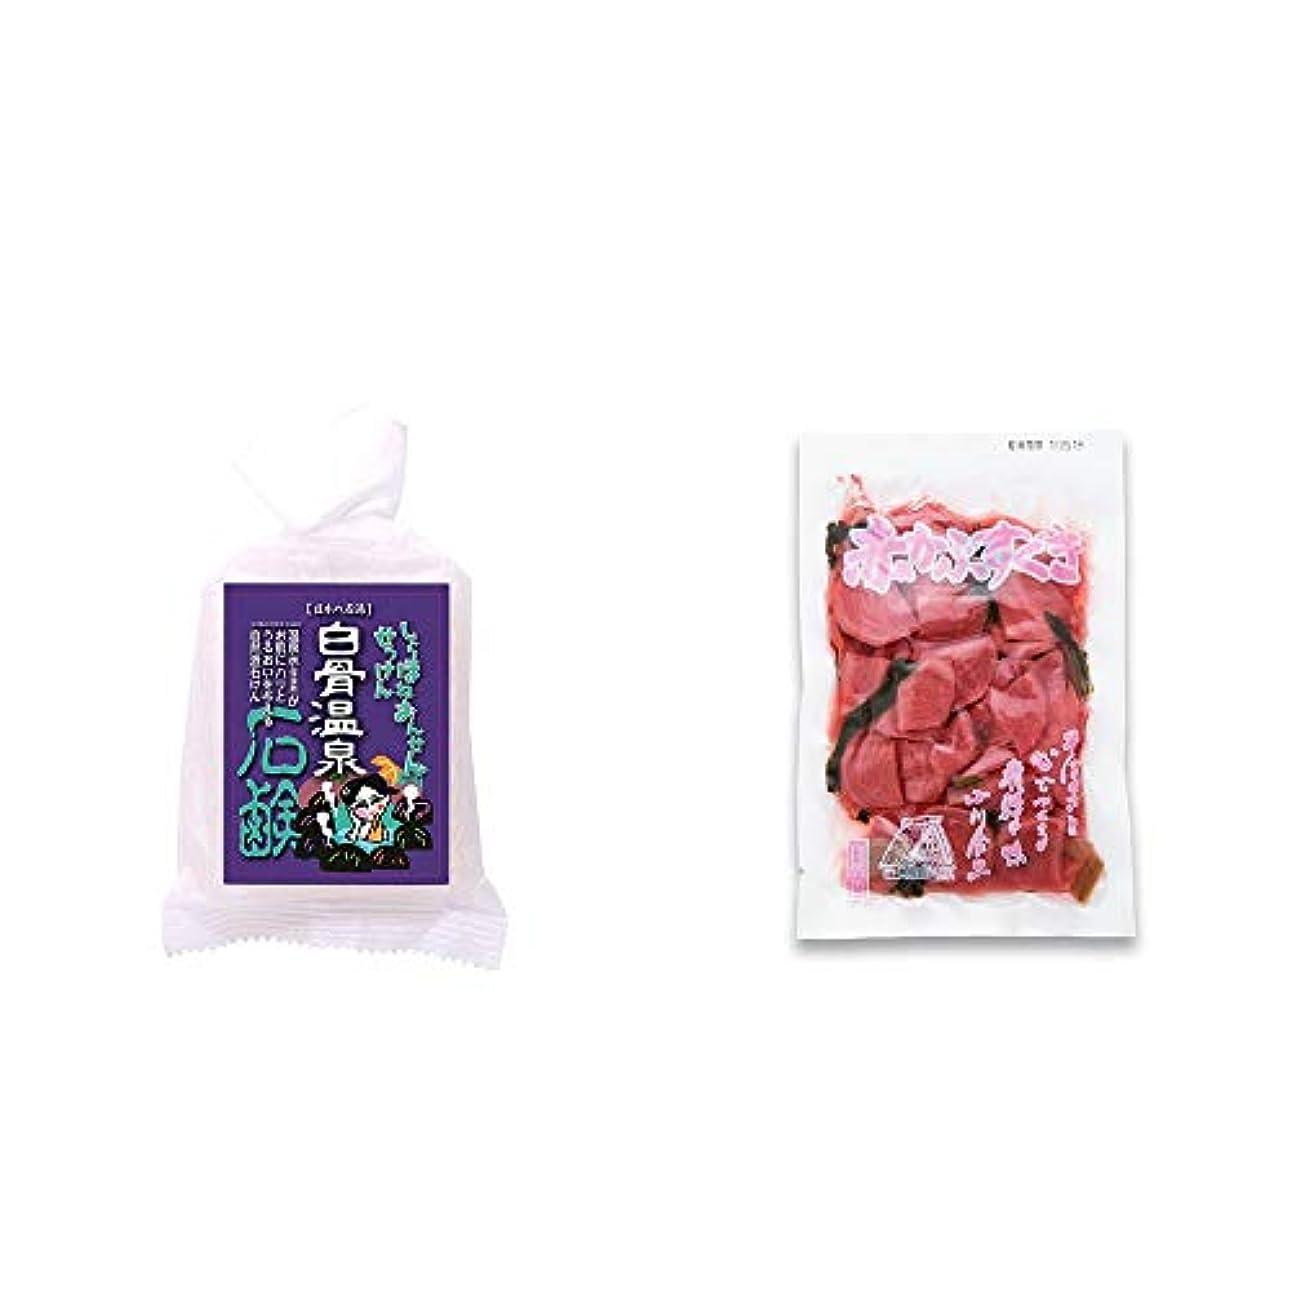 有毒な論理ブート[2点セット] 信州 白骨温泉石鹸(80g)?赤かぶすぐき(160g)